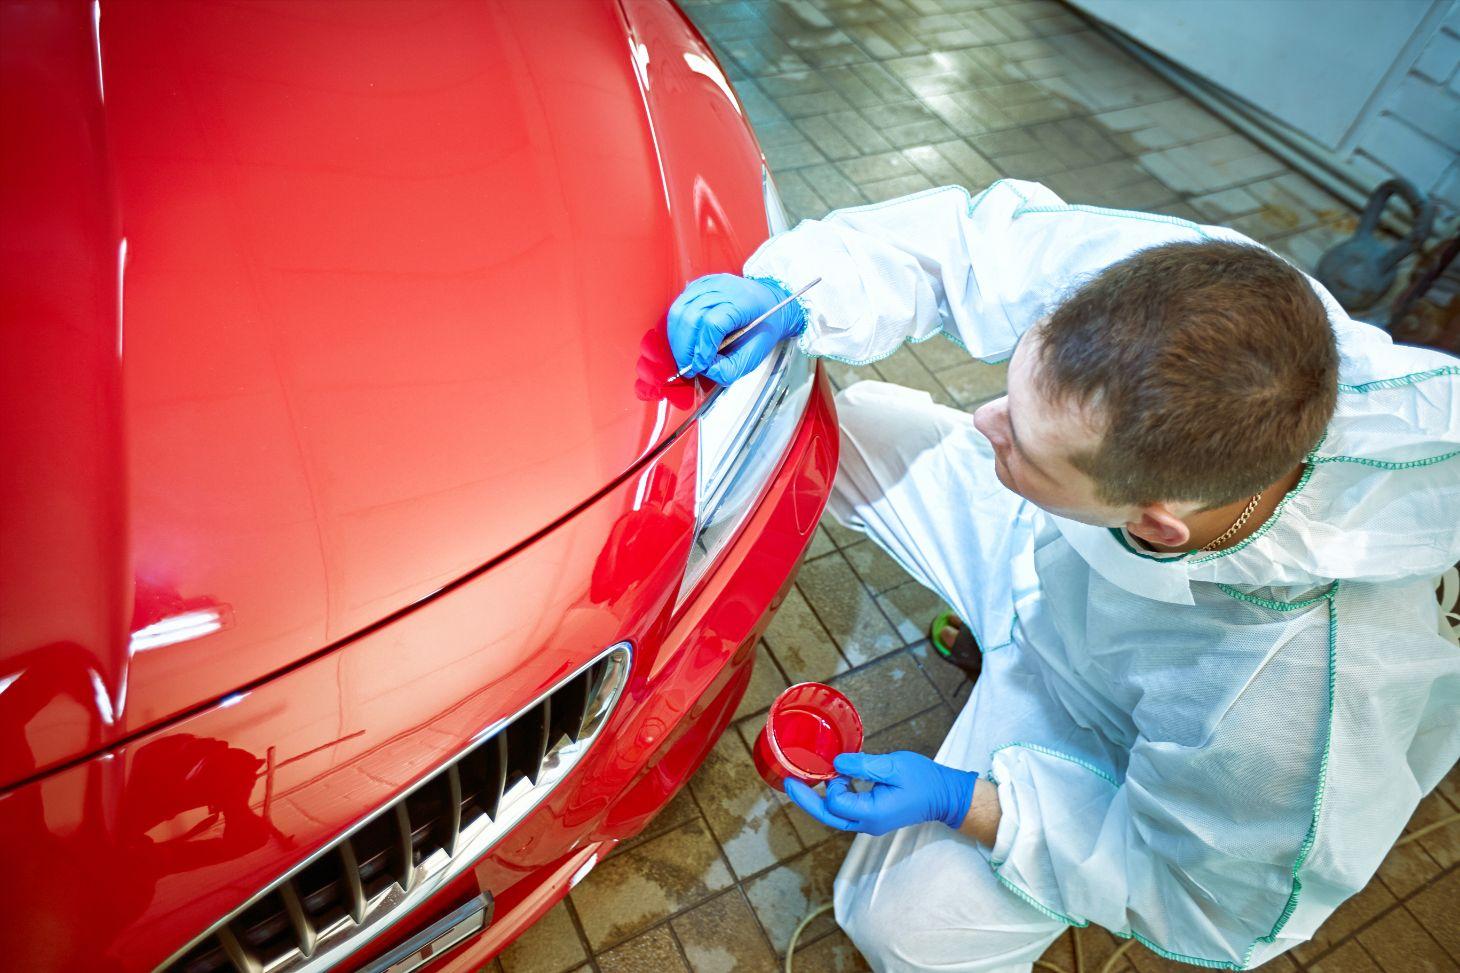 homem com pincel nas maos restaura pintura de carro vermelho